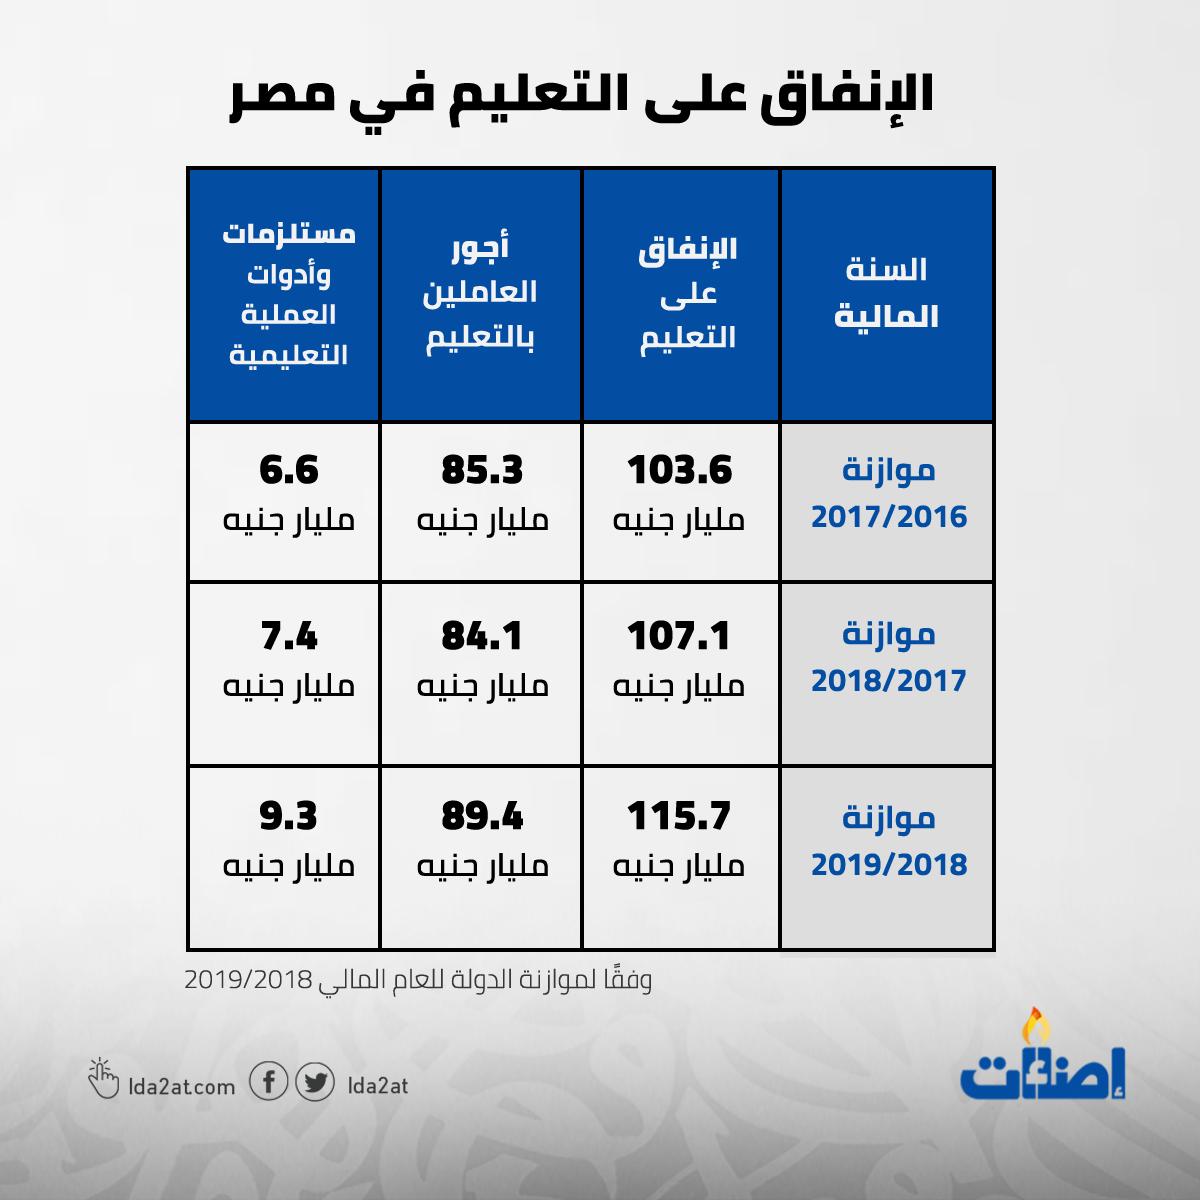 التعليم، مجانية التعليم، مصر